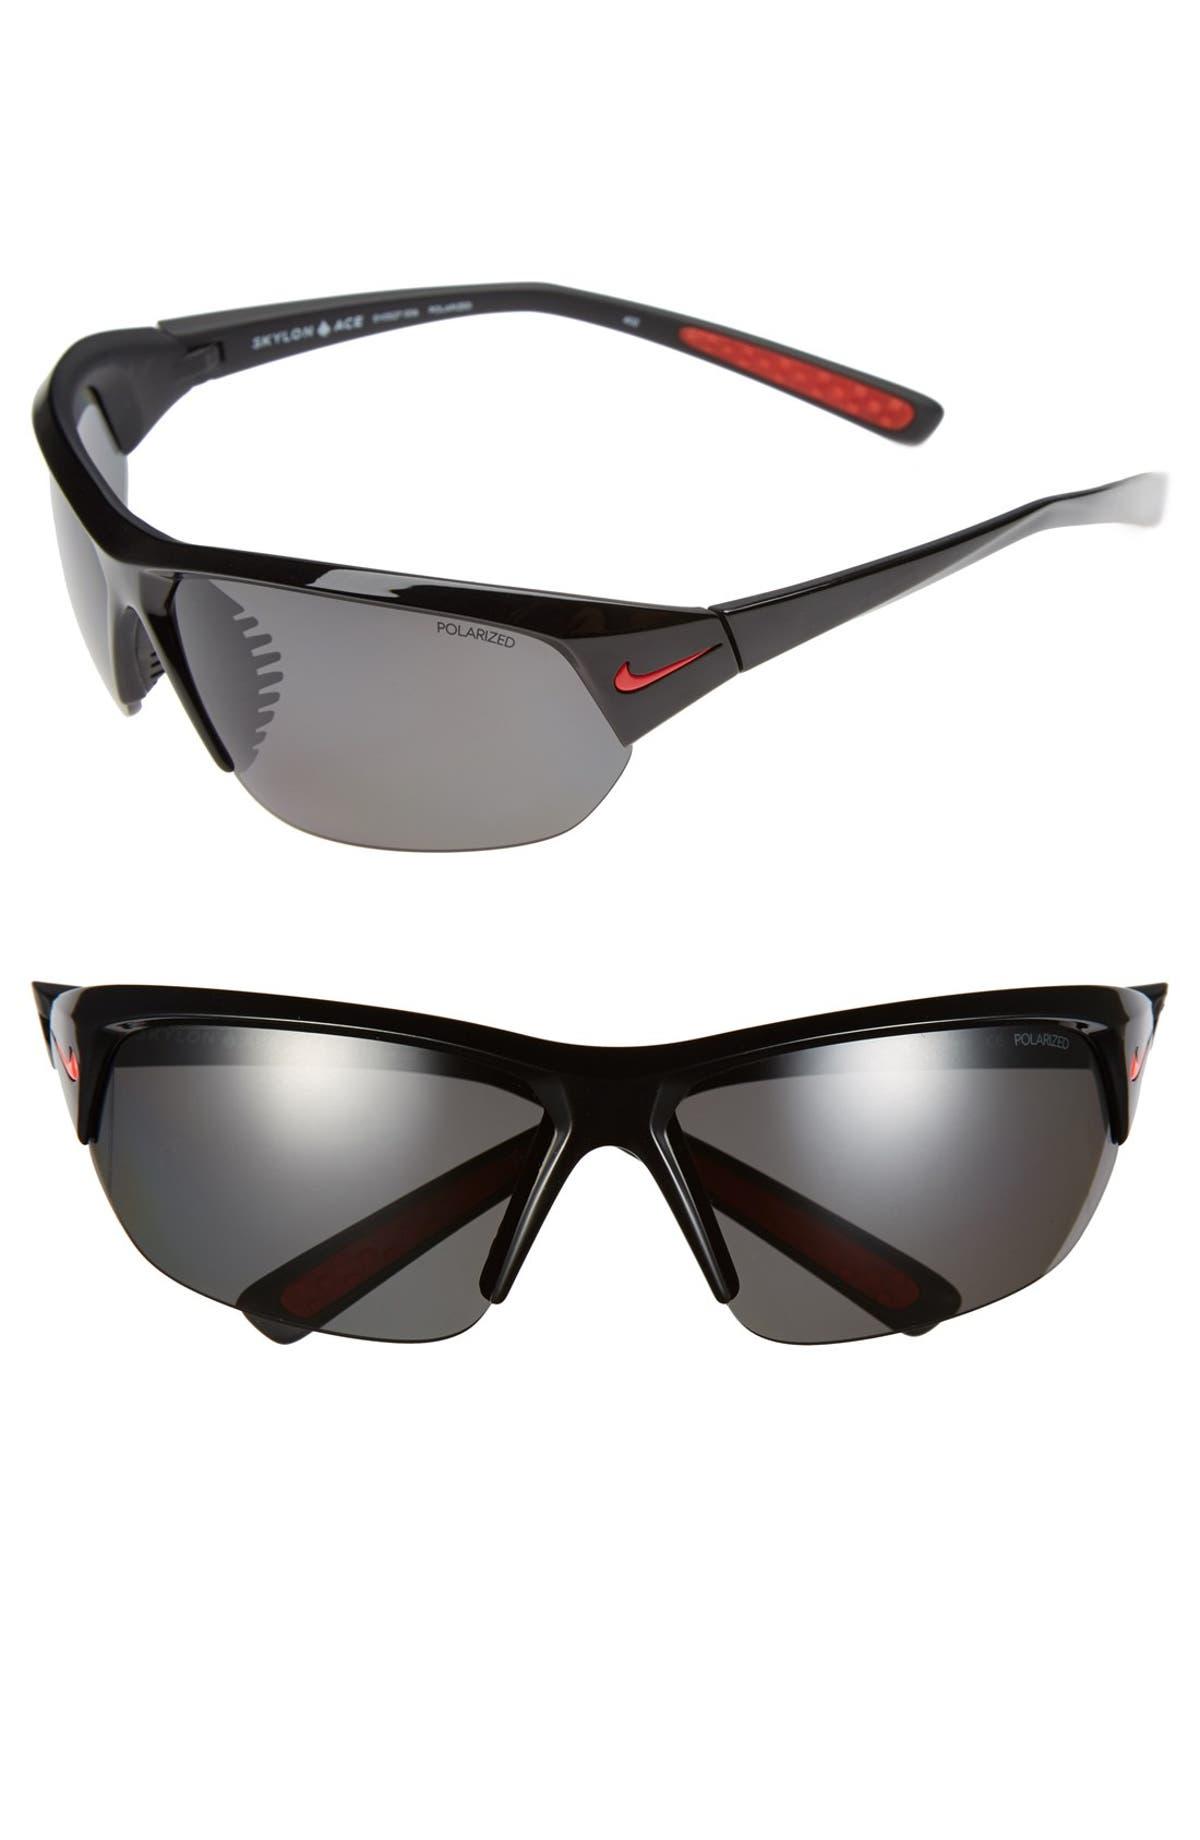 2cb8cc984a3 Nike  Skylon Ace  69mm Polarized Sunglasses